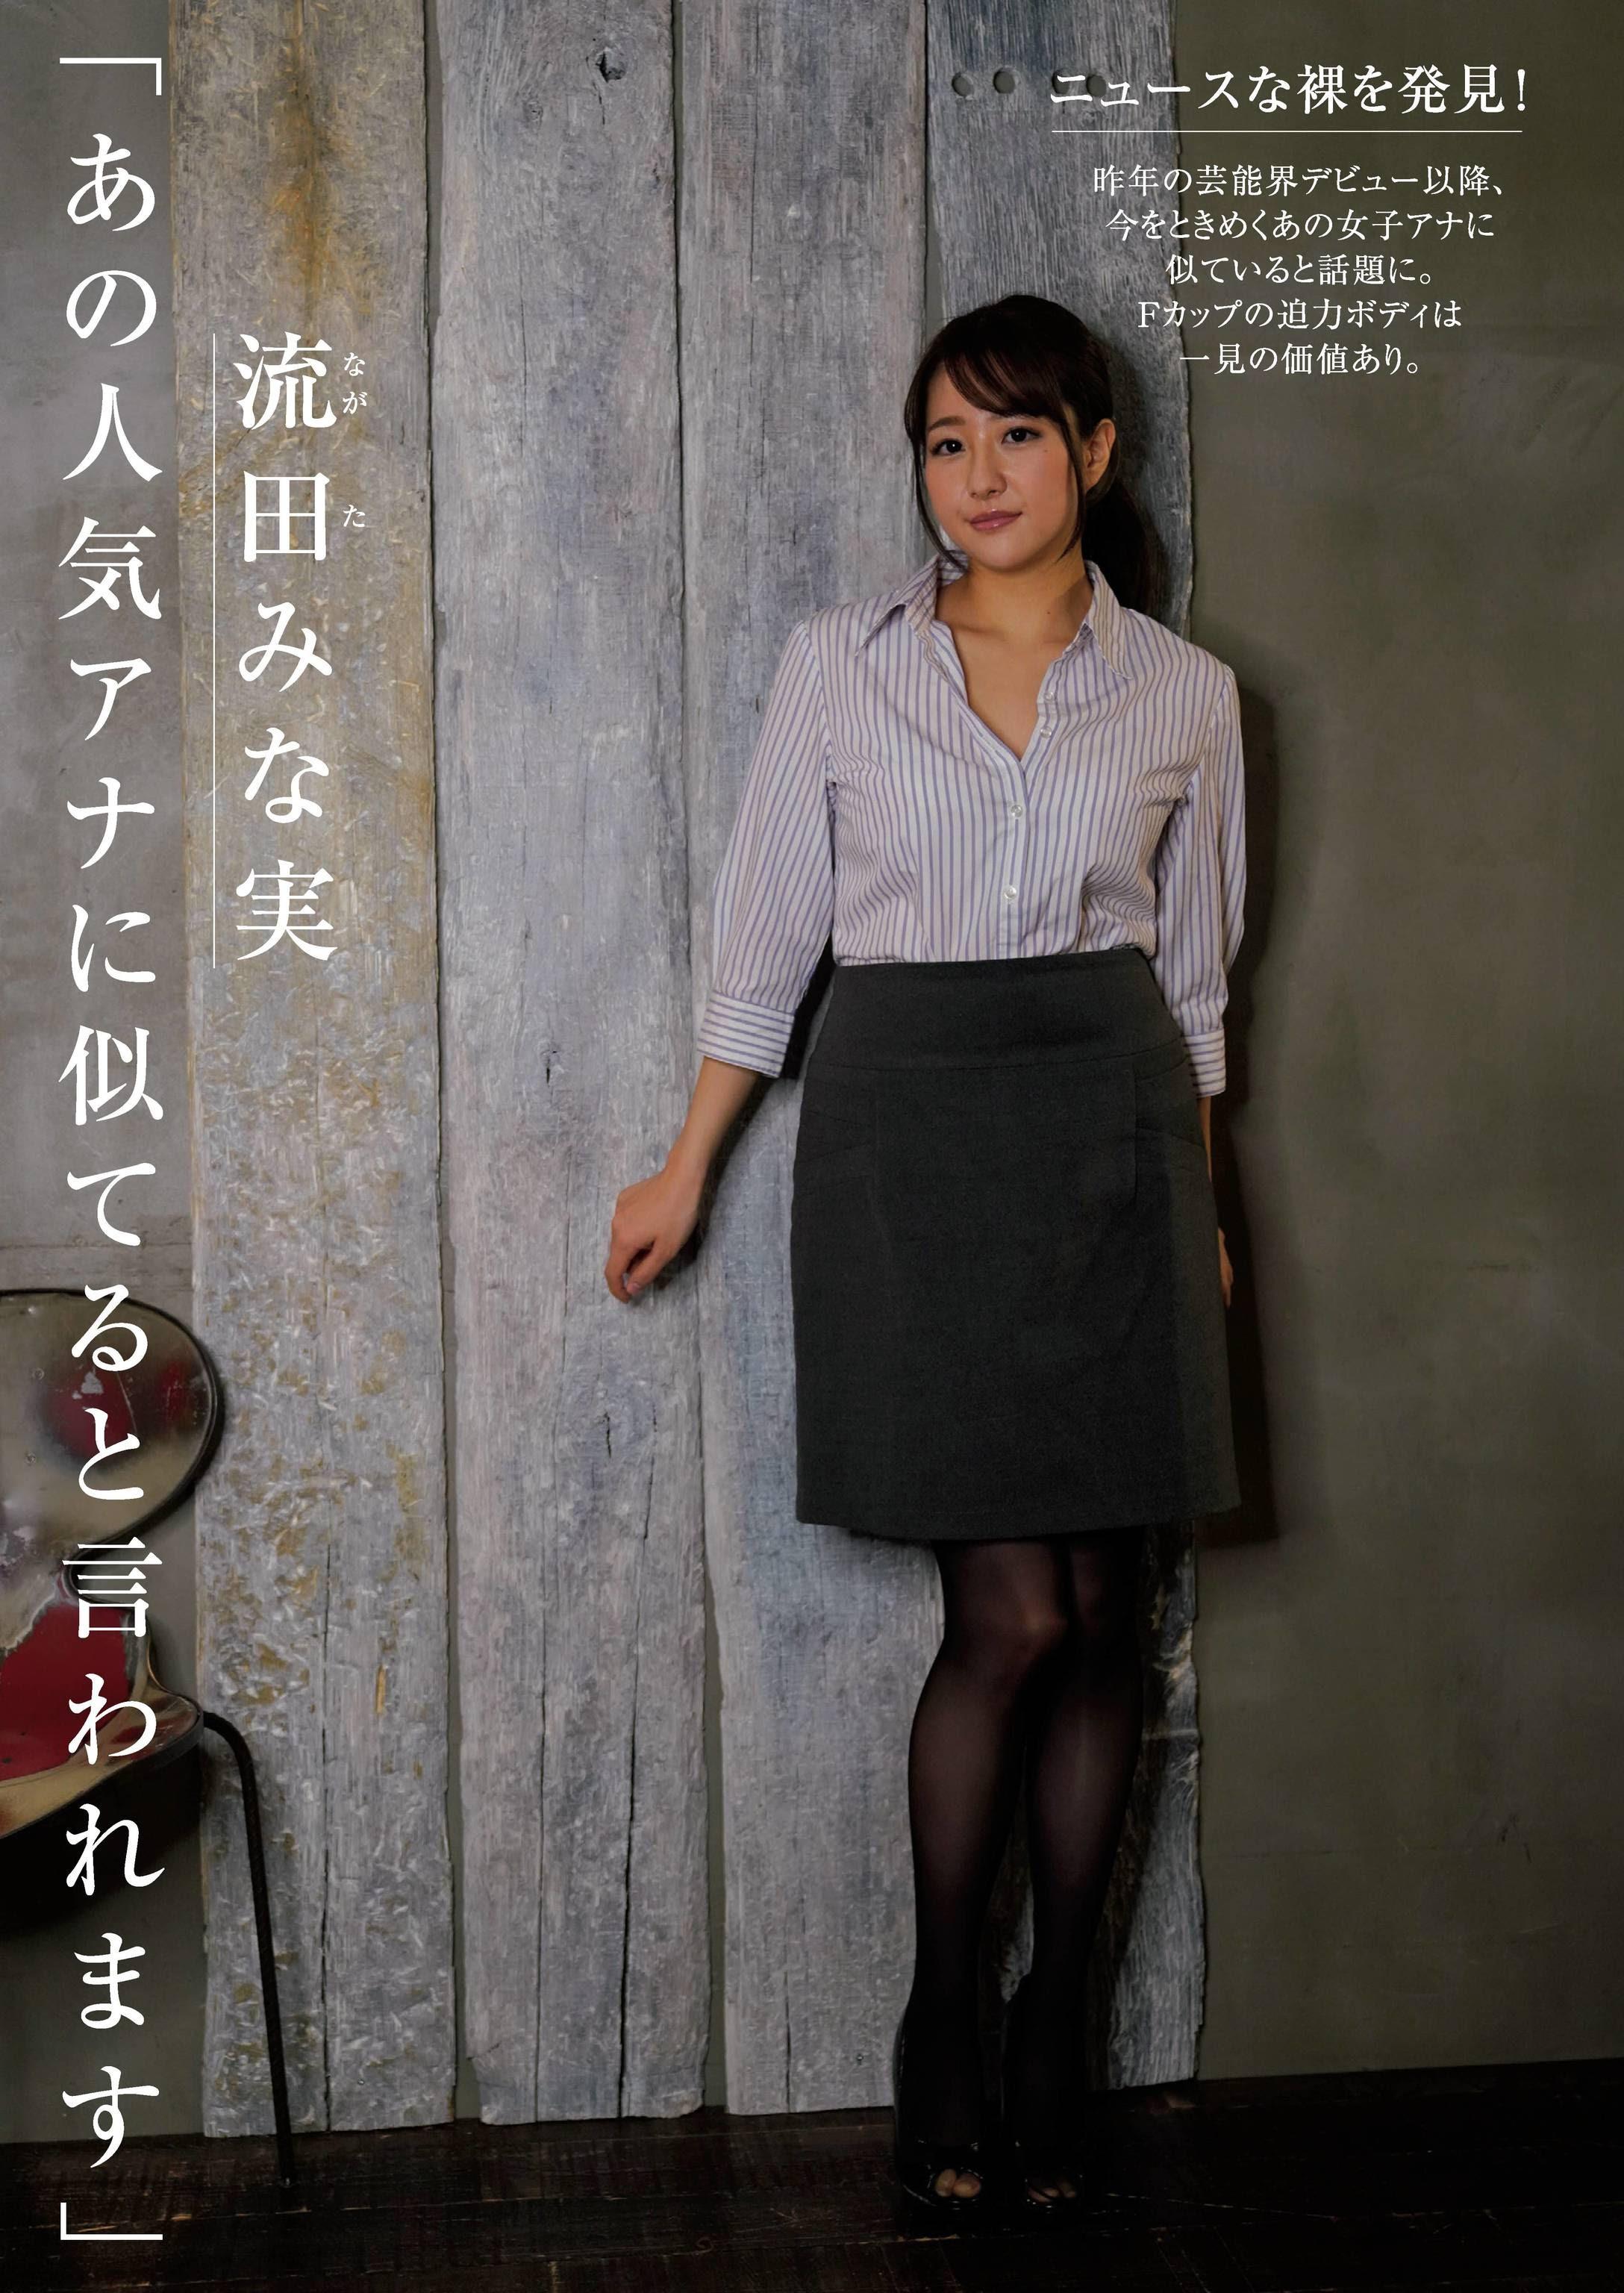 2-Minami-Nagata-1